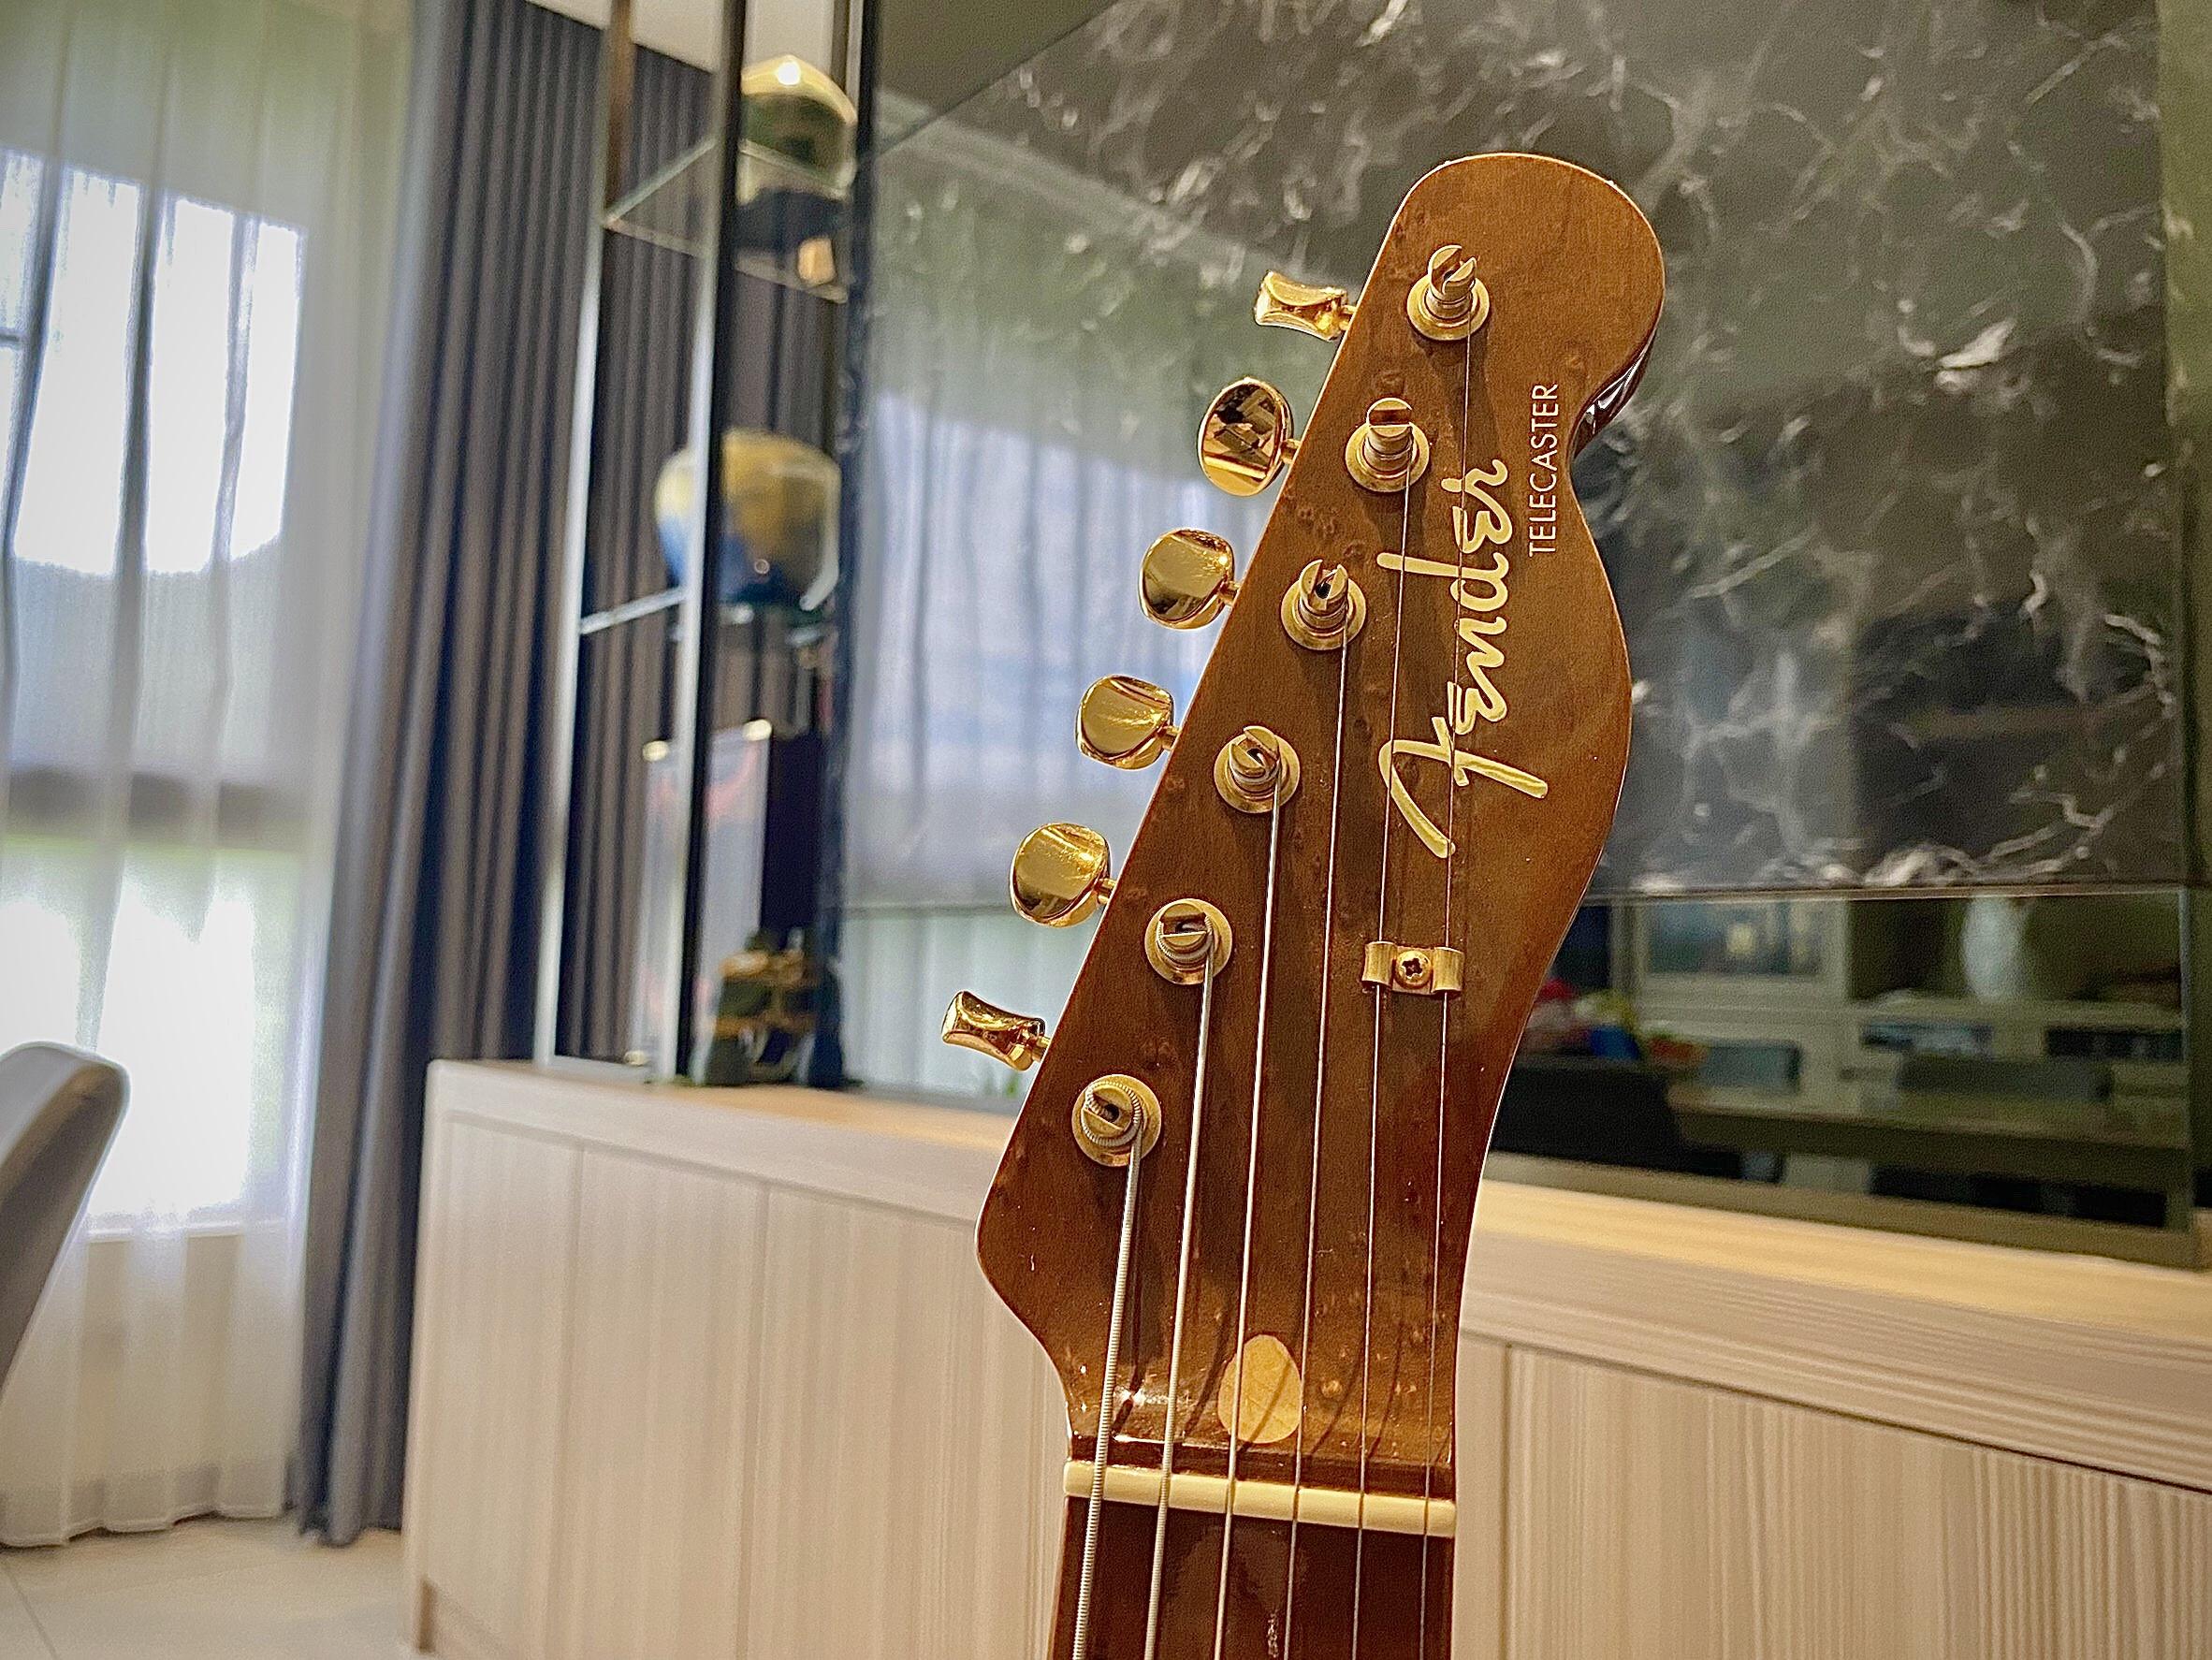 Fender 2015 custom shop okoume telecaster